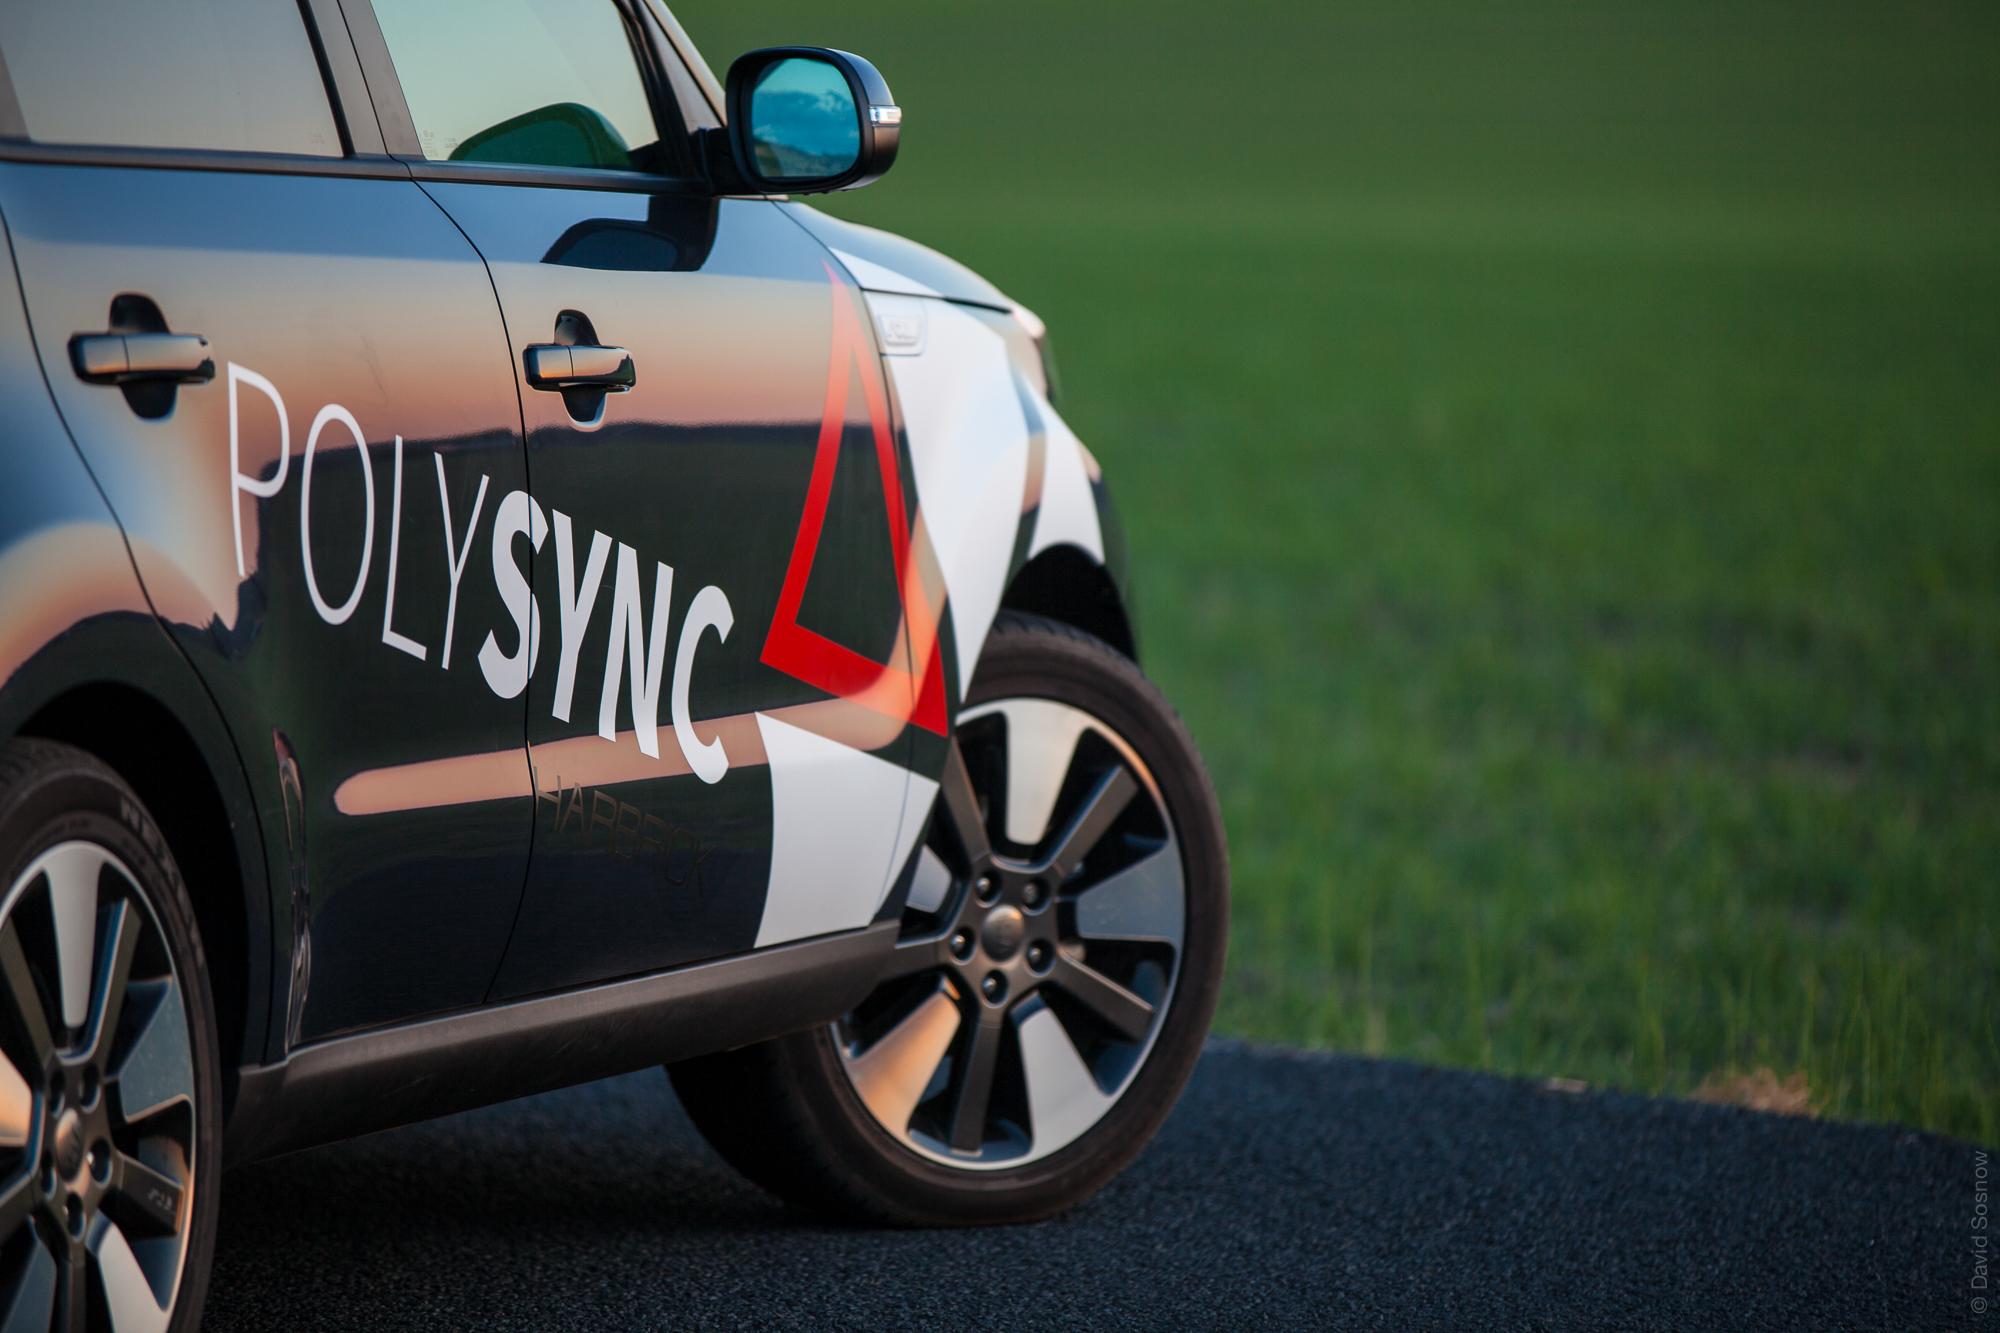 PolySync's platform speeds up autonomous innovation